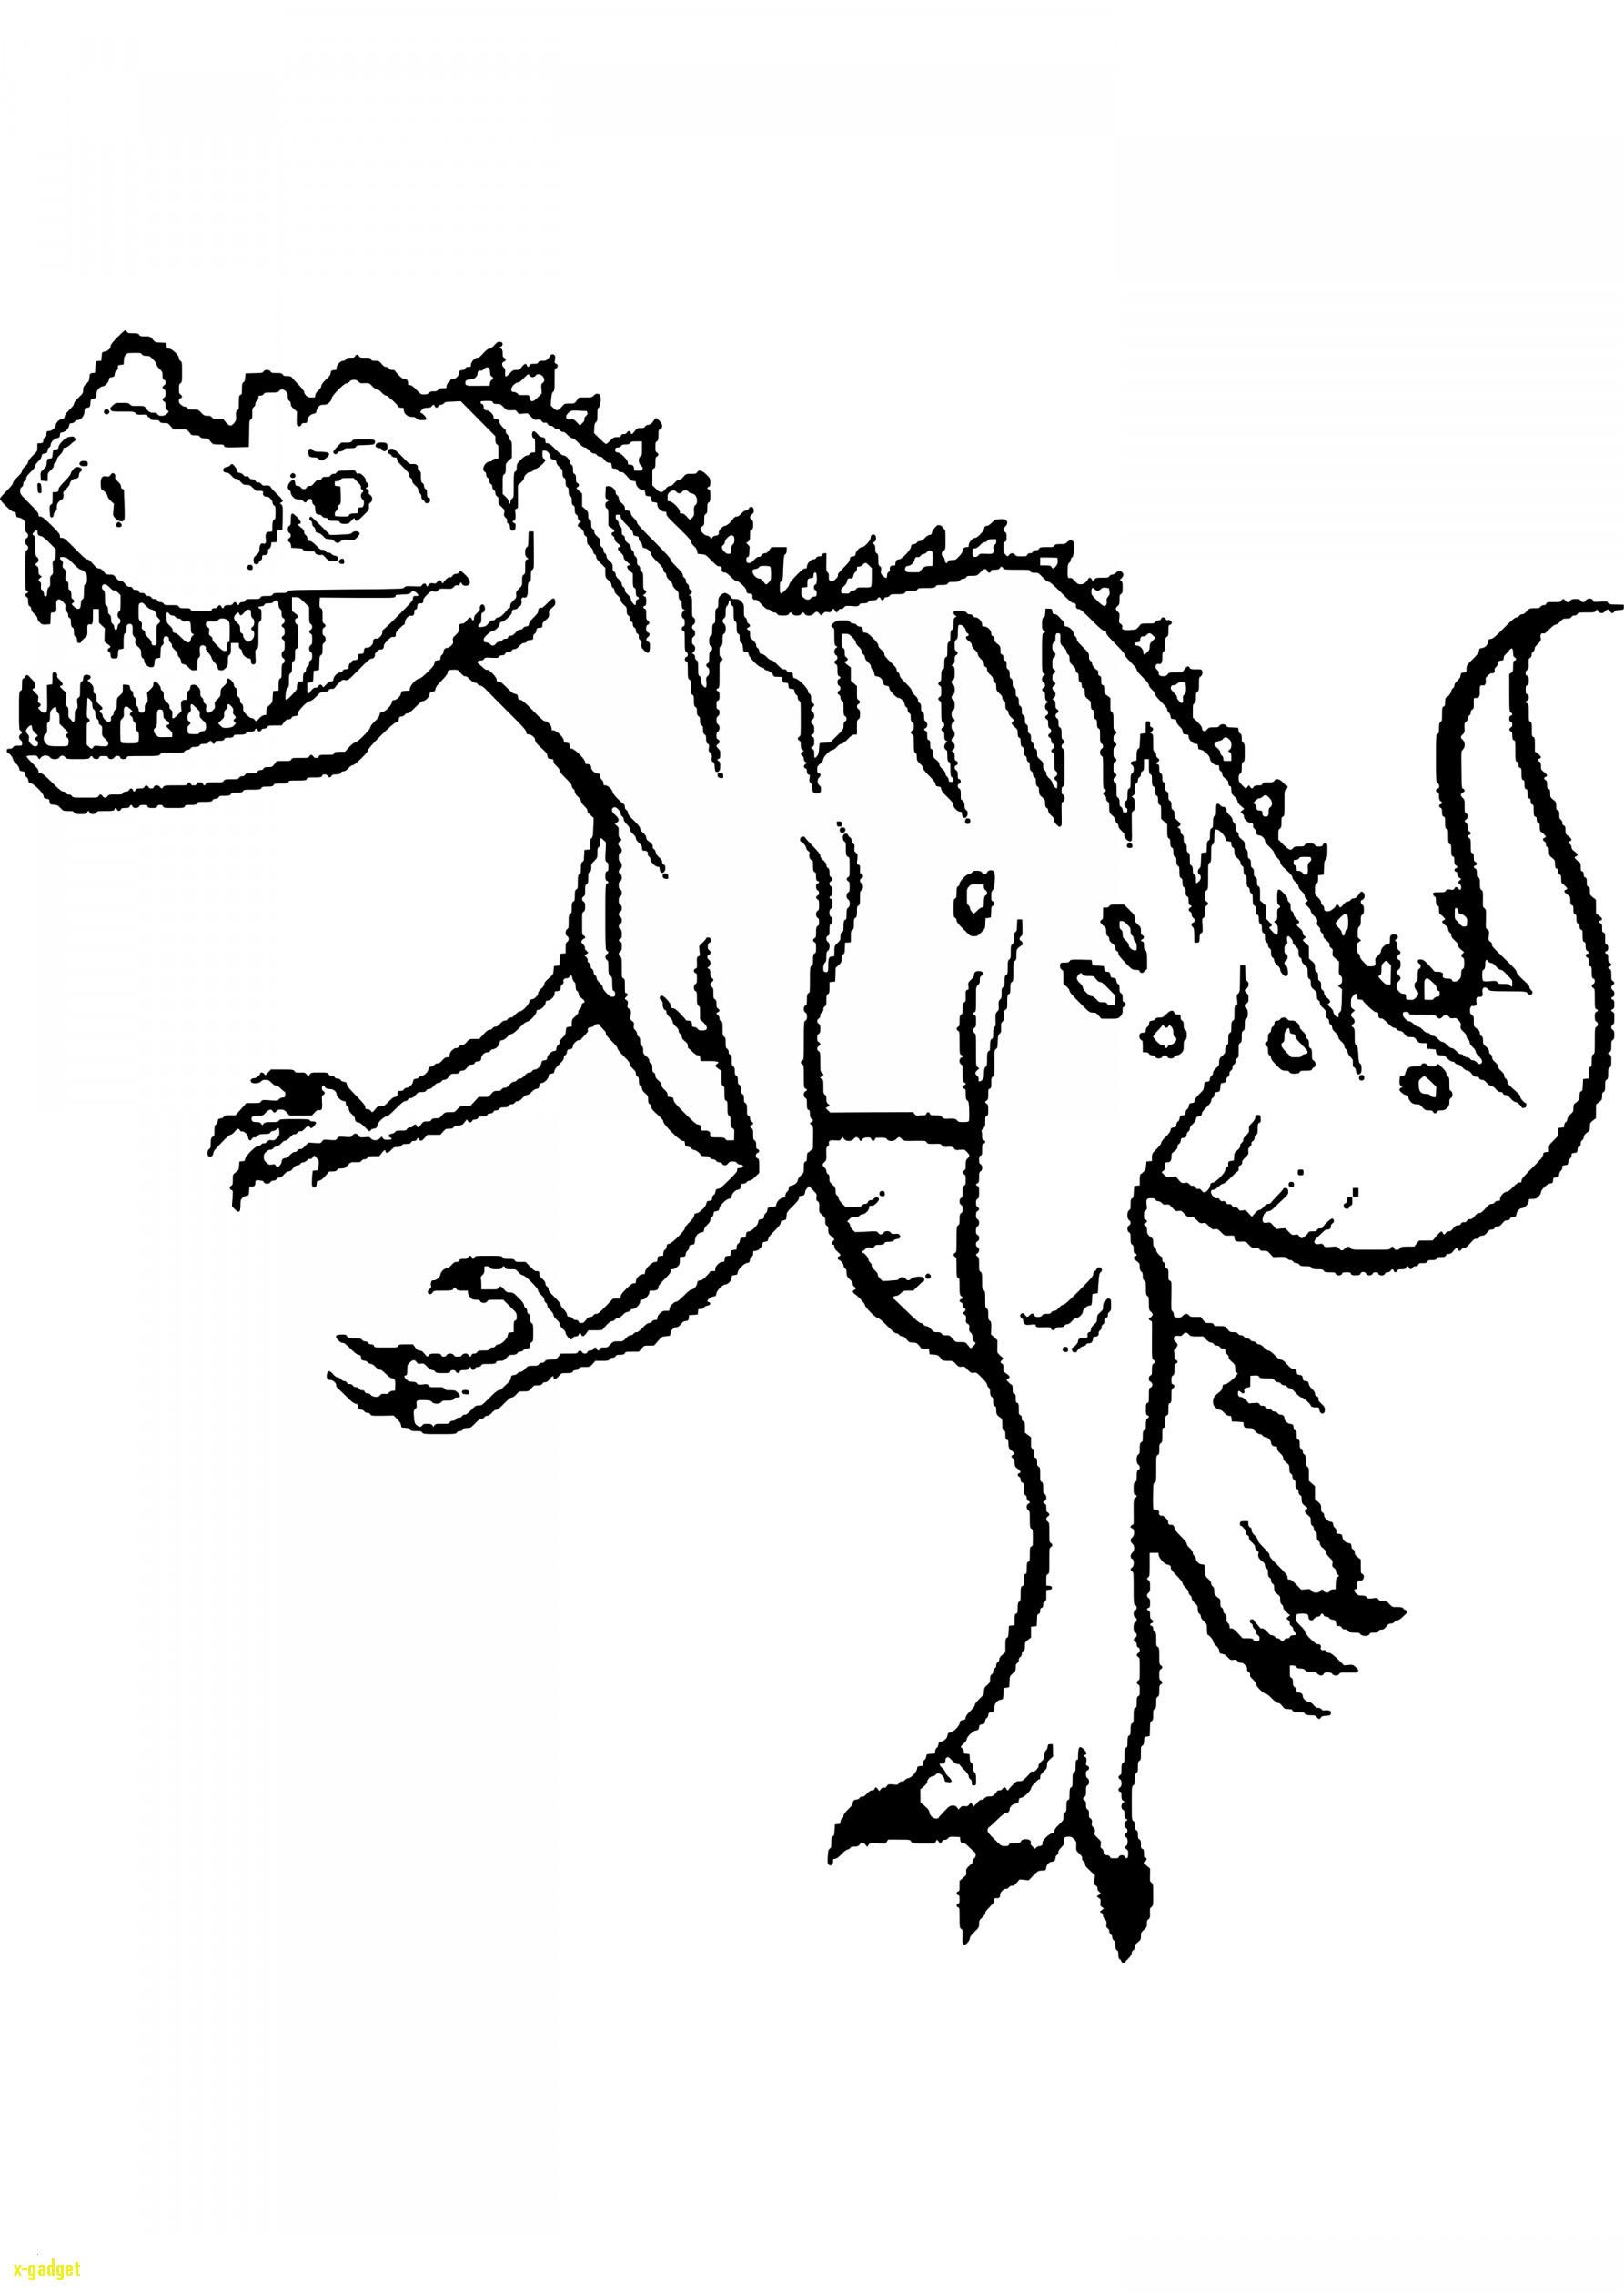 Ausmalbilder Dinosaurier Rex Genial Schön Malvorlage Dino Rex Art